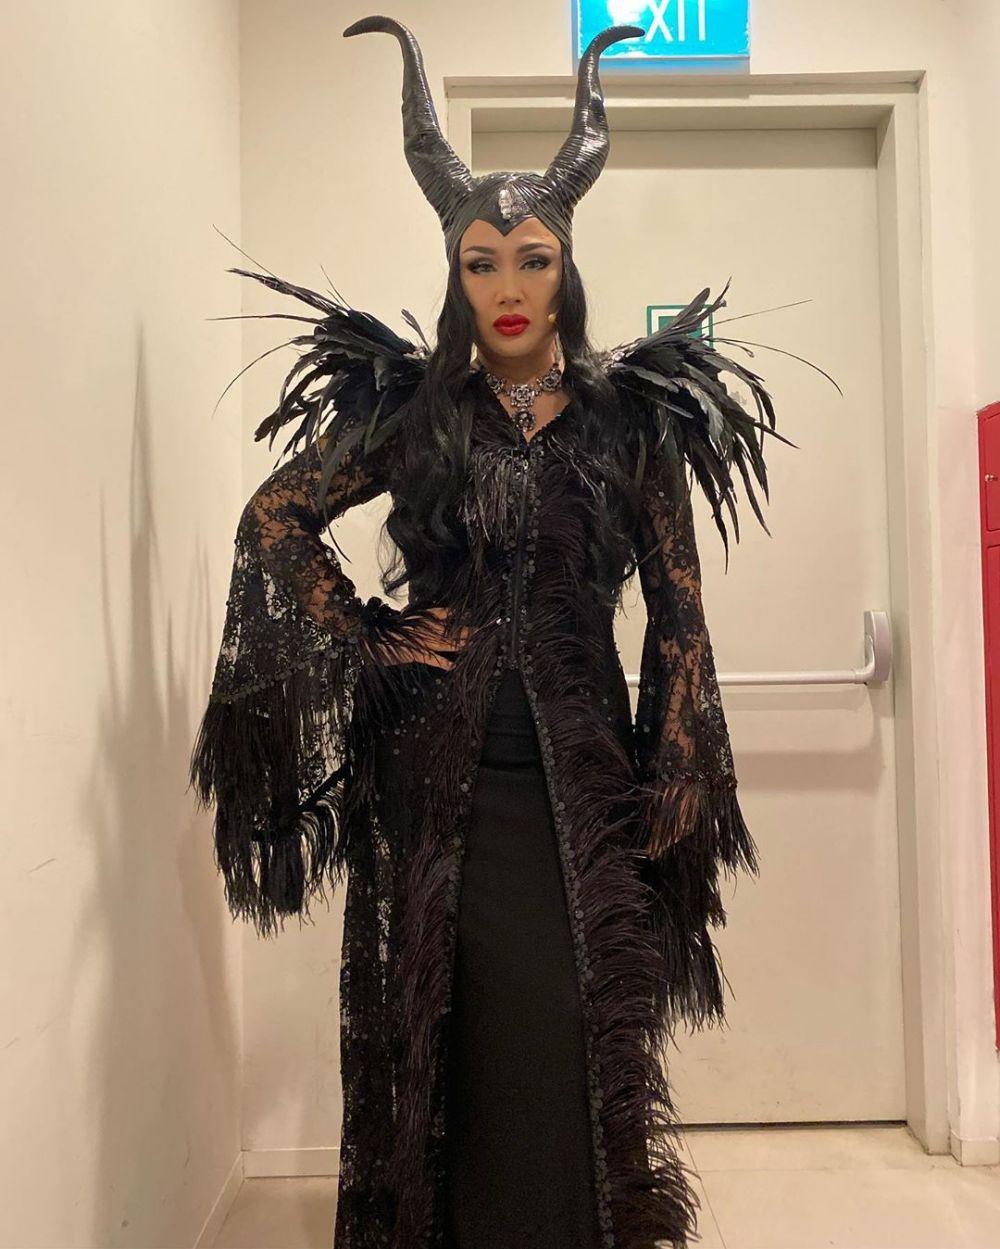 Diva gaya ikonik tampil instagram